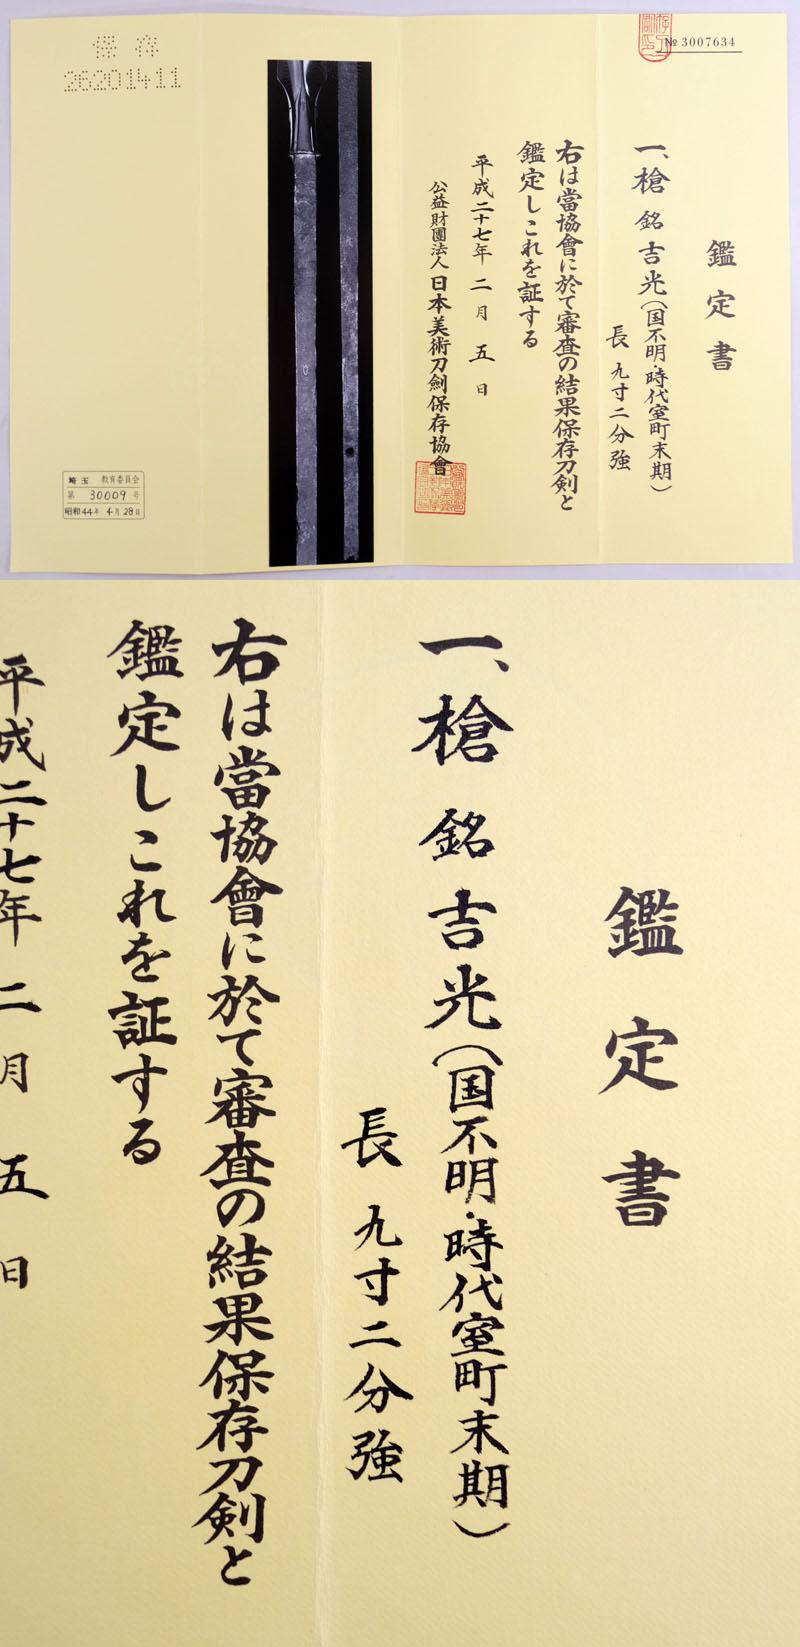 吉光(国不明・時代室町末期) Picture of Certificate